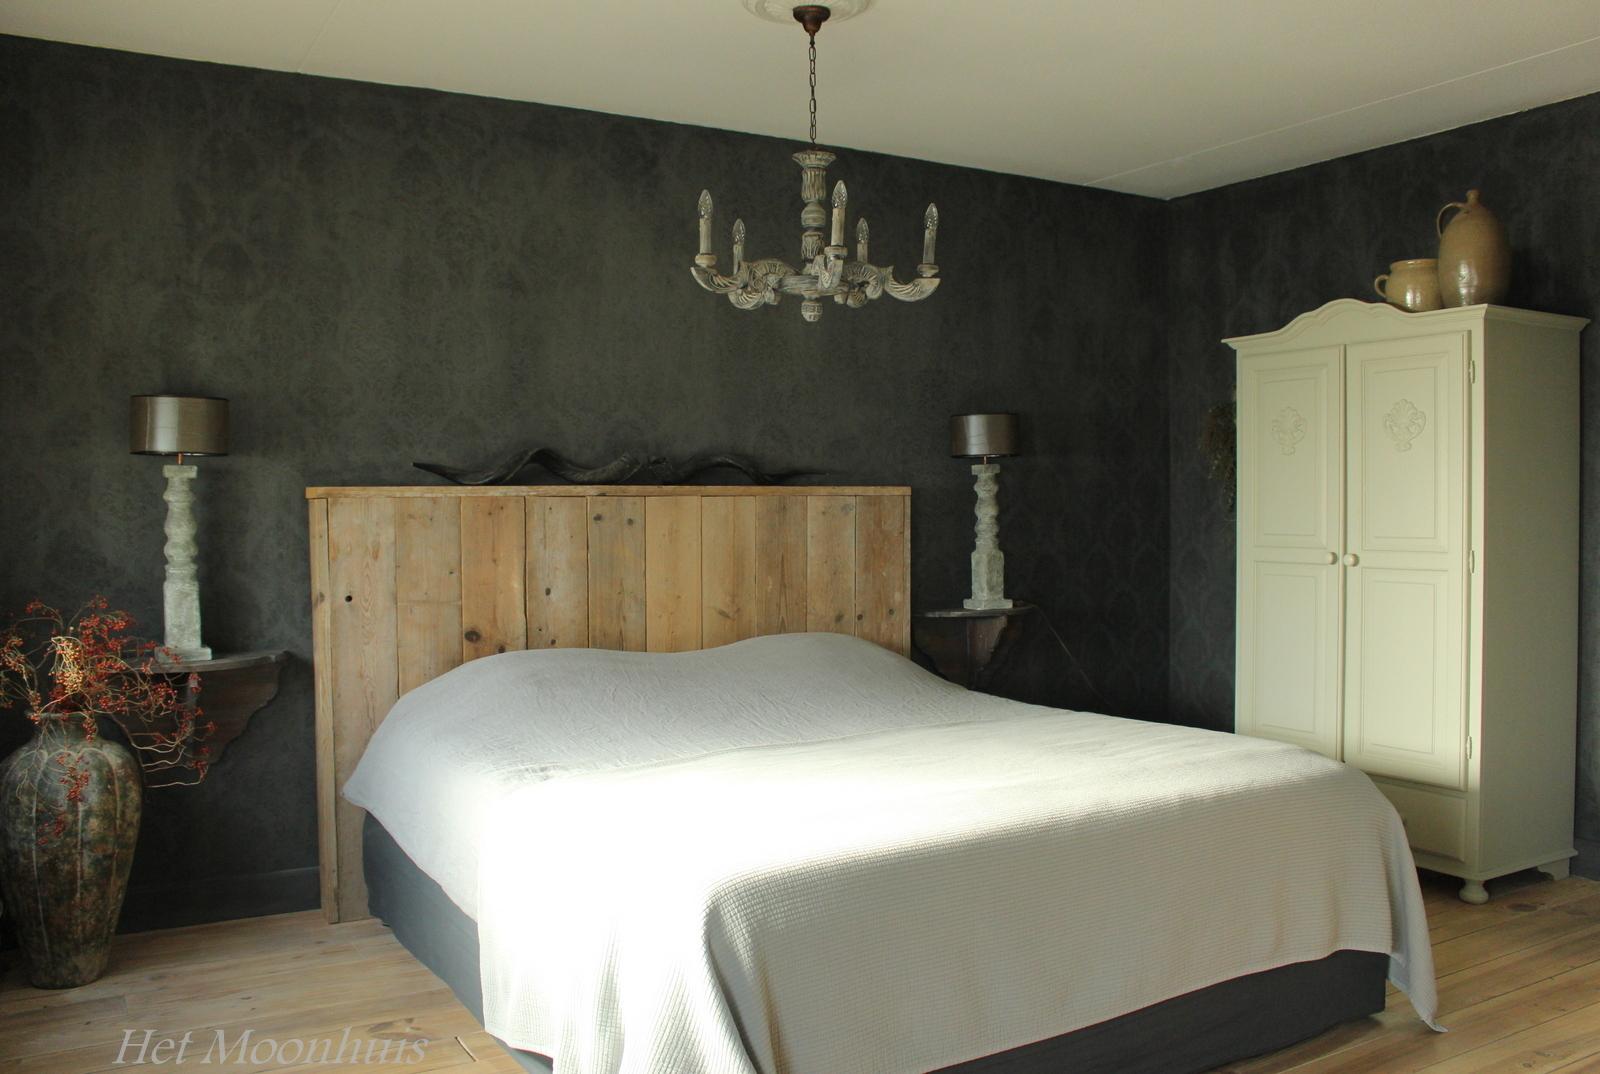 Slaapkamer Kleuren 016 : Het moonhuis: oktober 2015